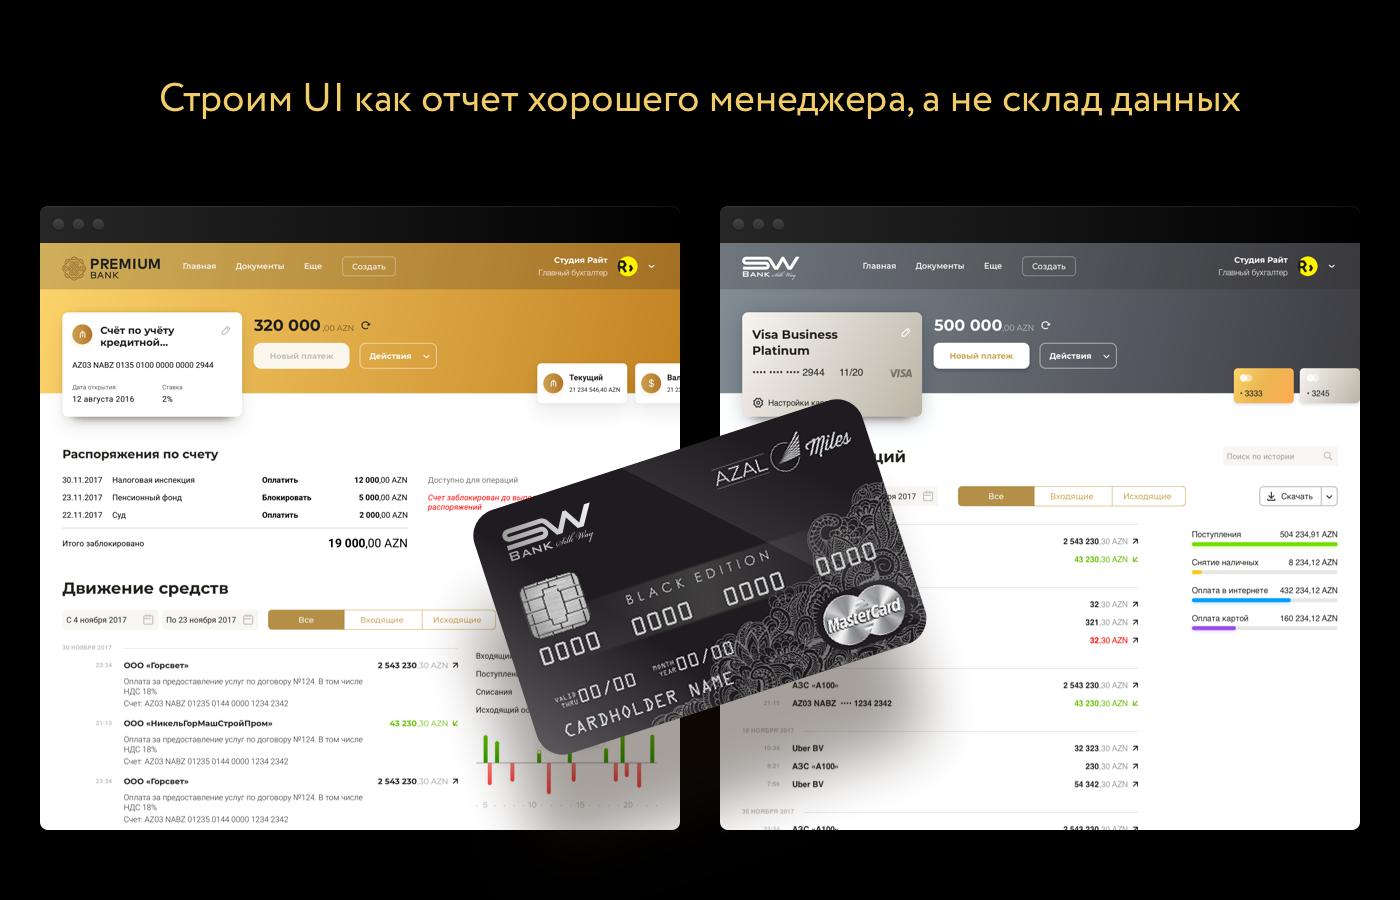 Интерфесй раздела платежи и переводы интернет-банка